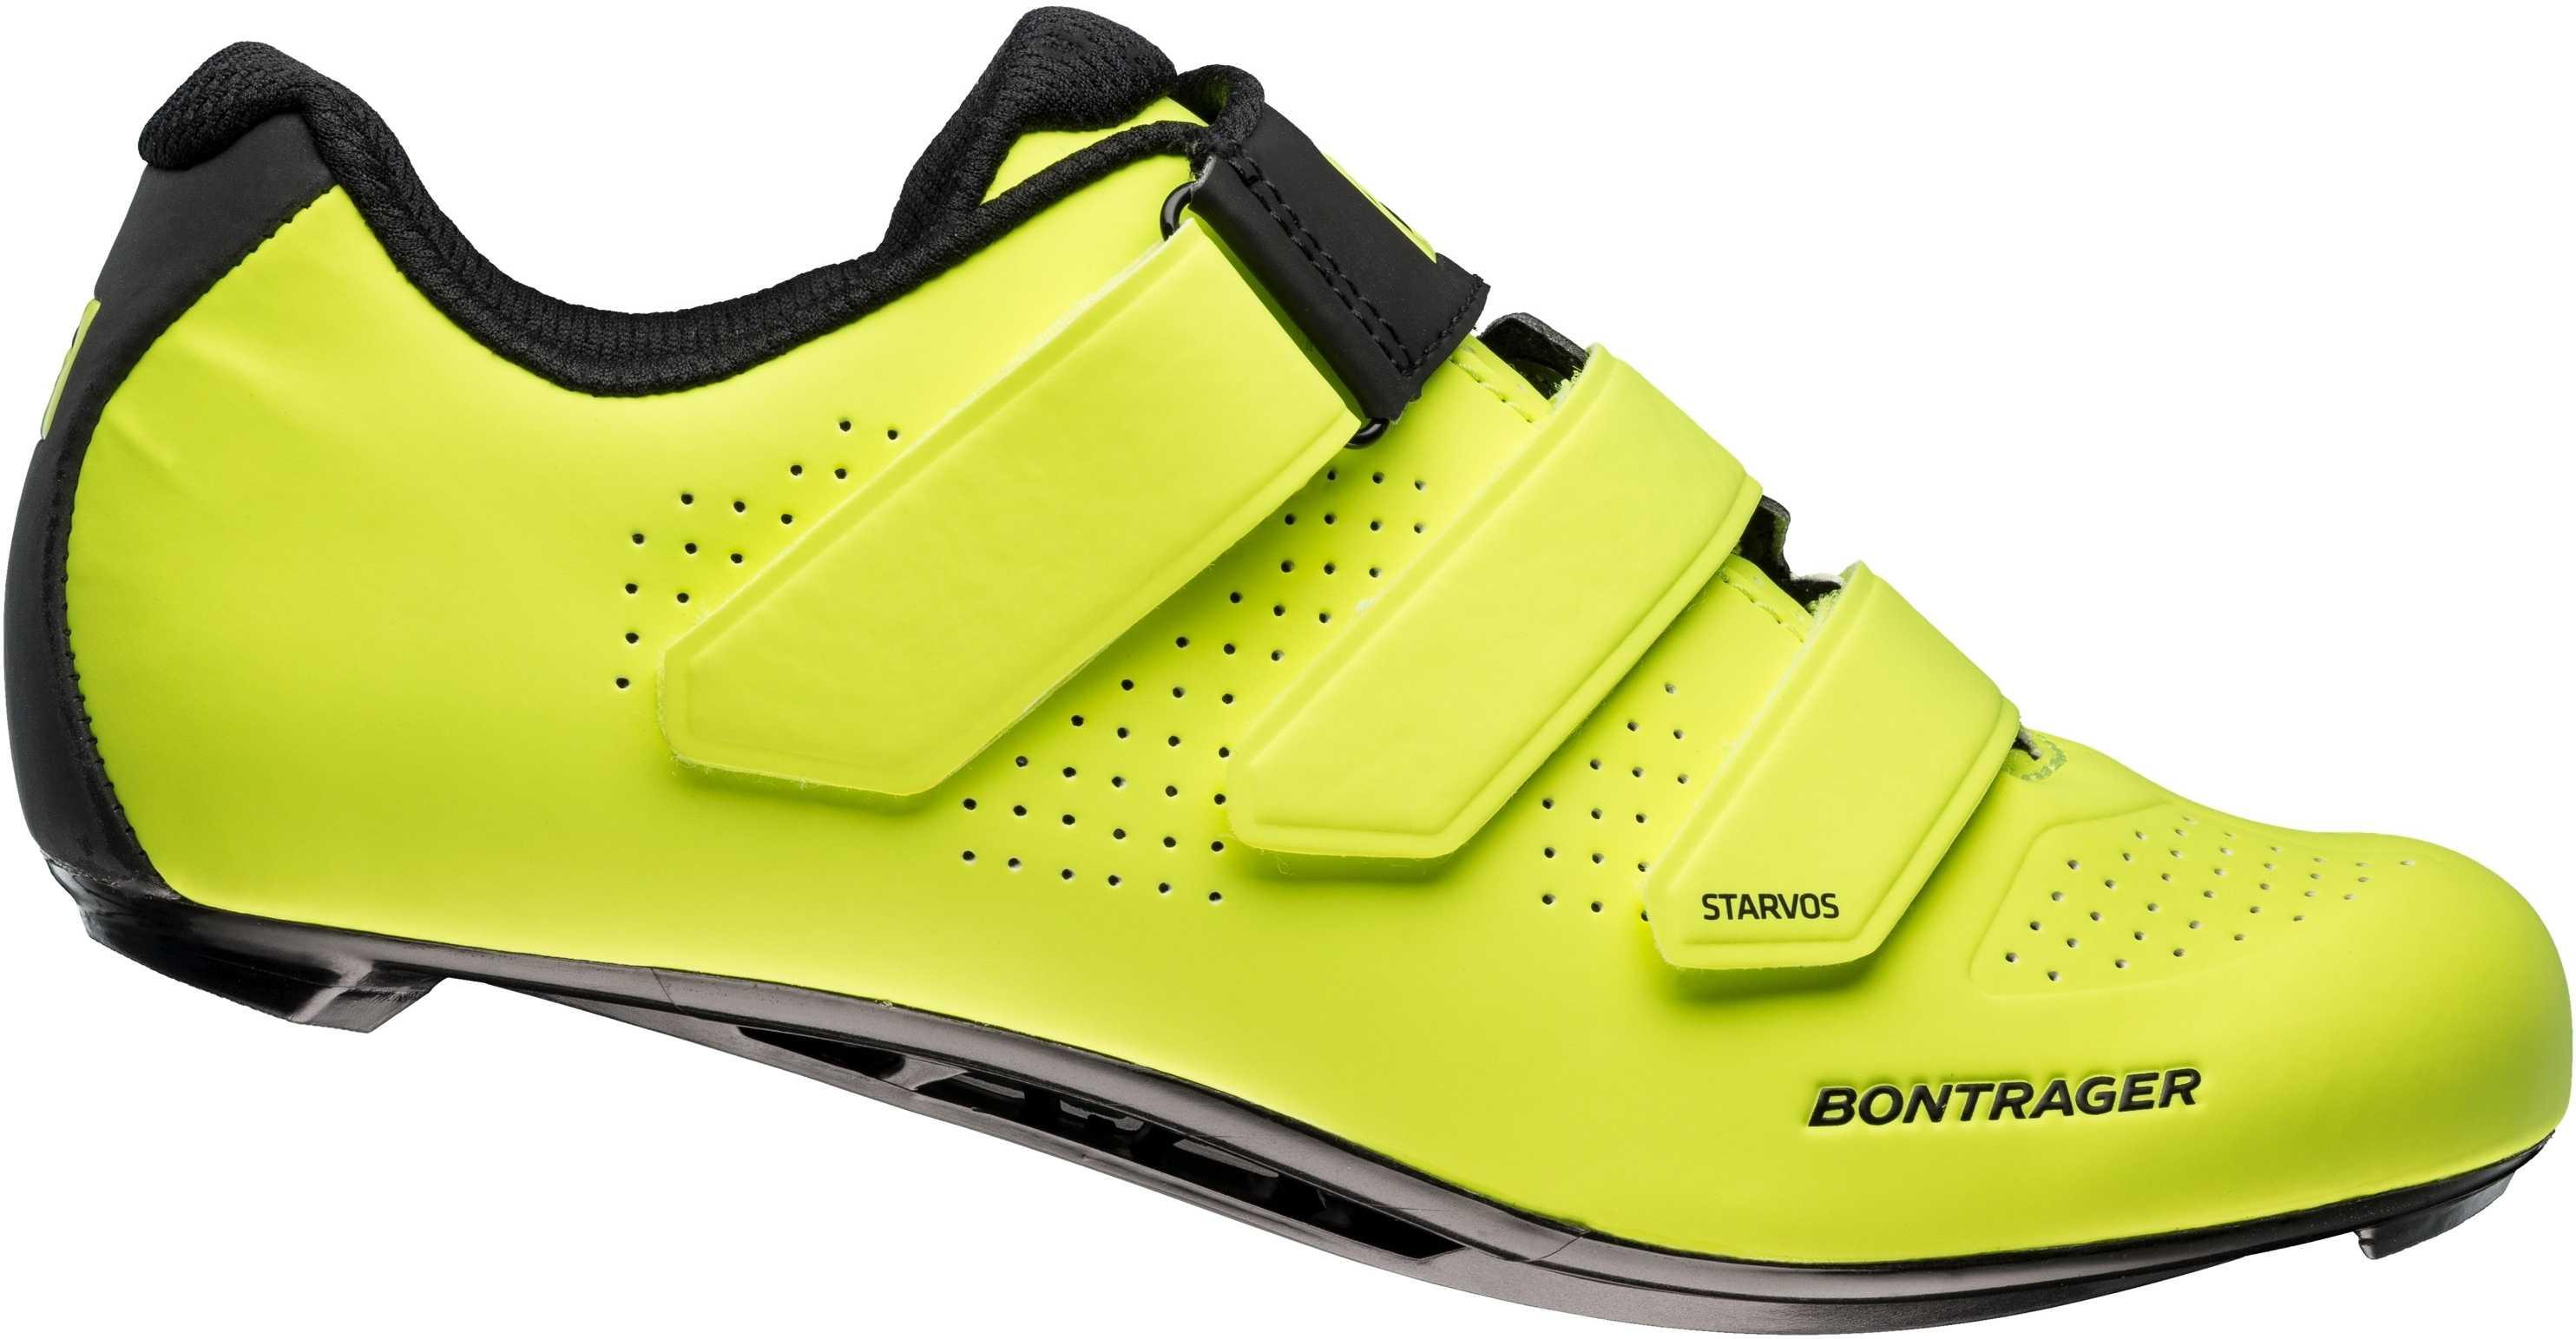 Bontrager Starvos Landevejssko | Shoes